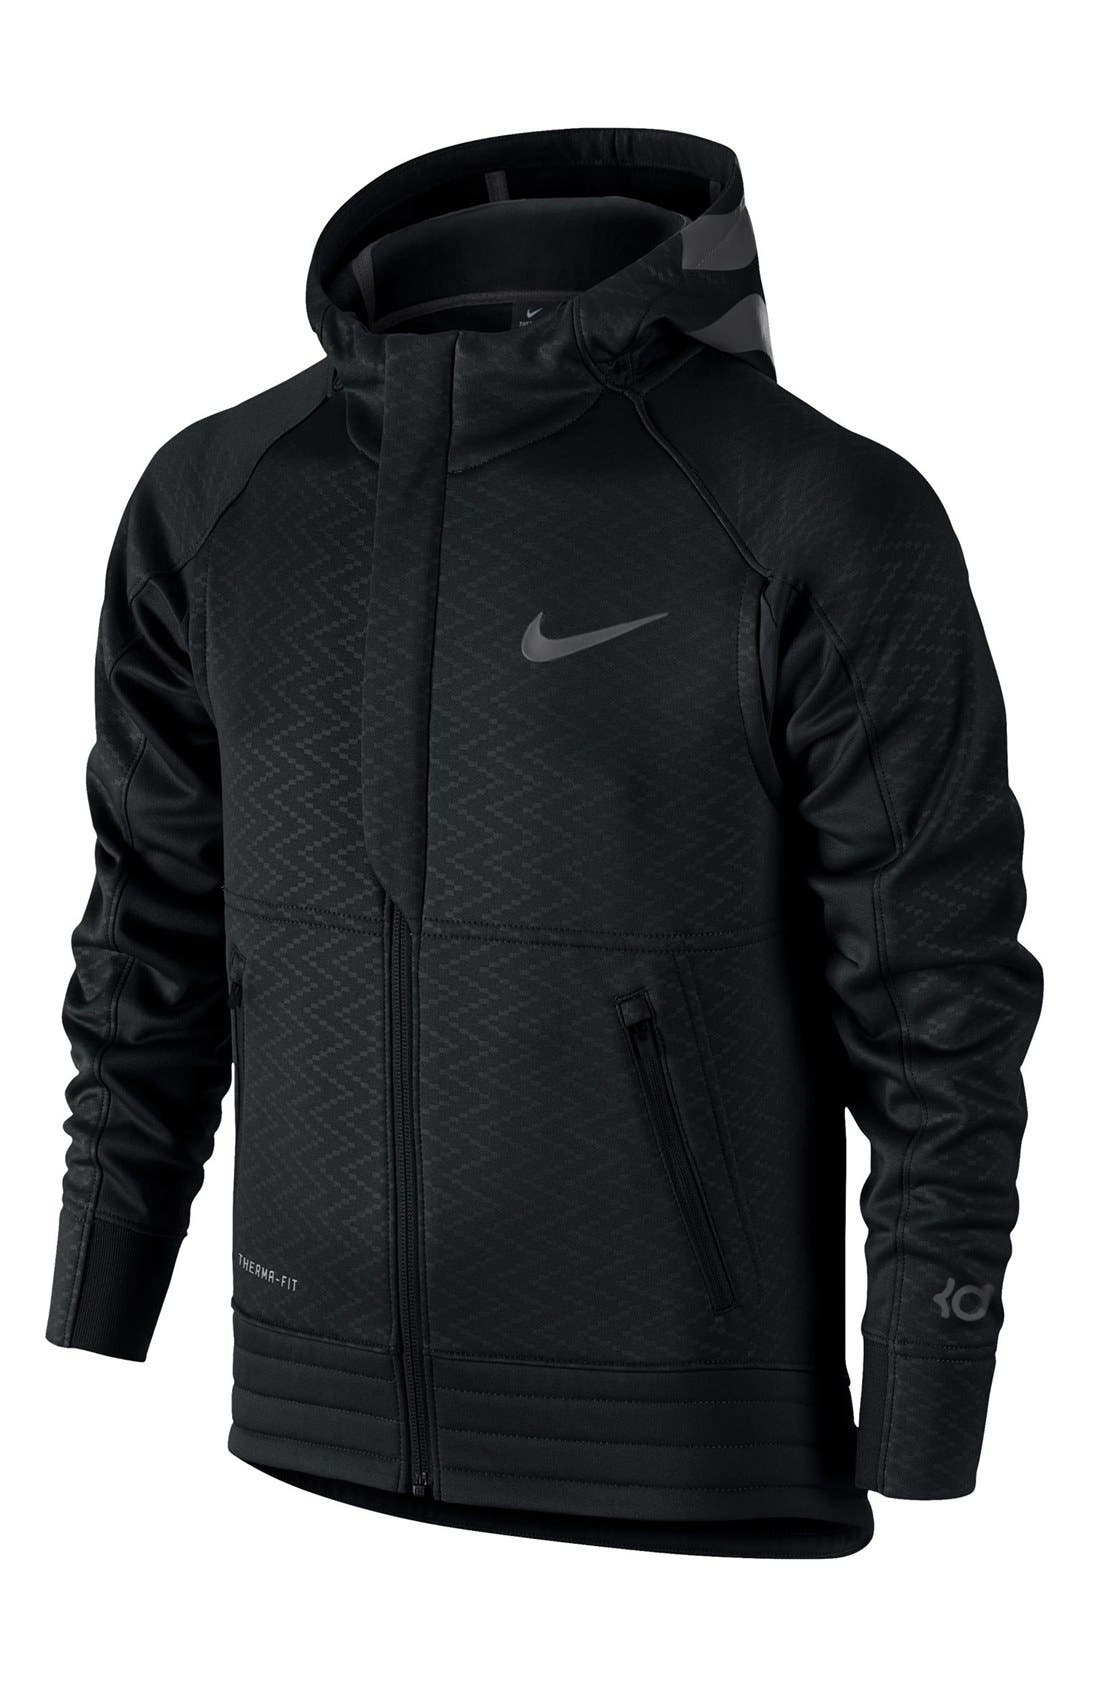 Boys kd hoodie